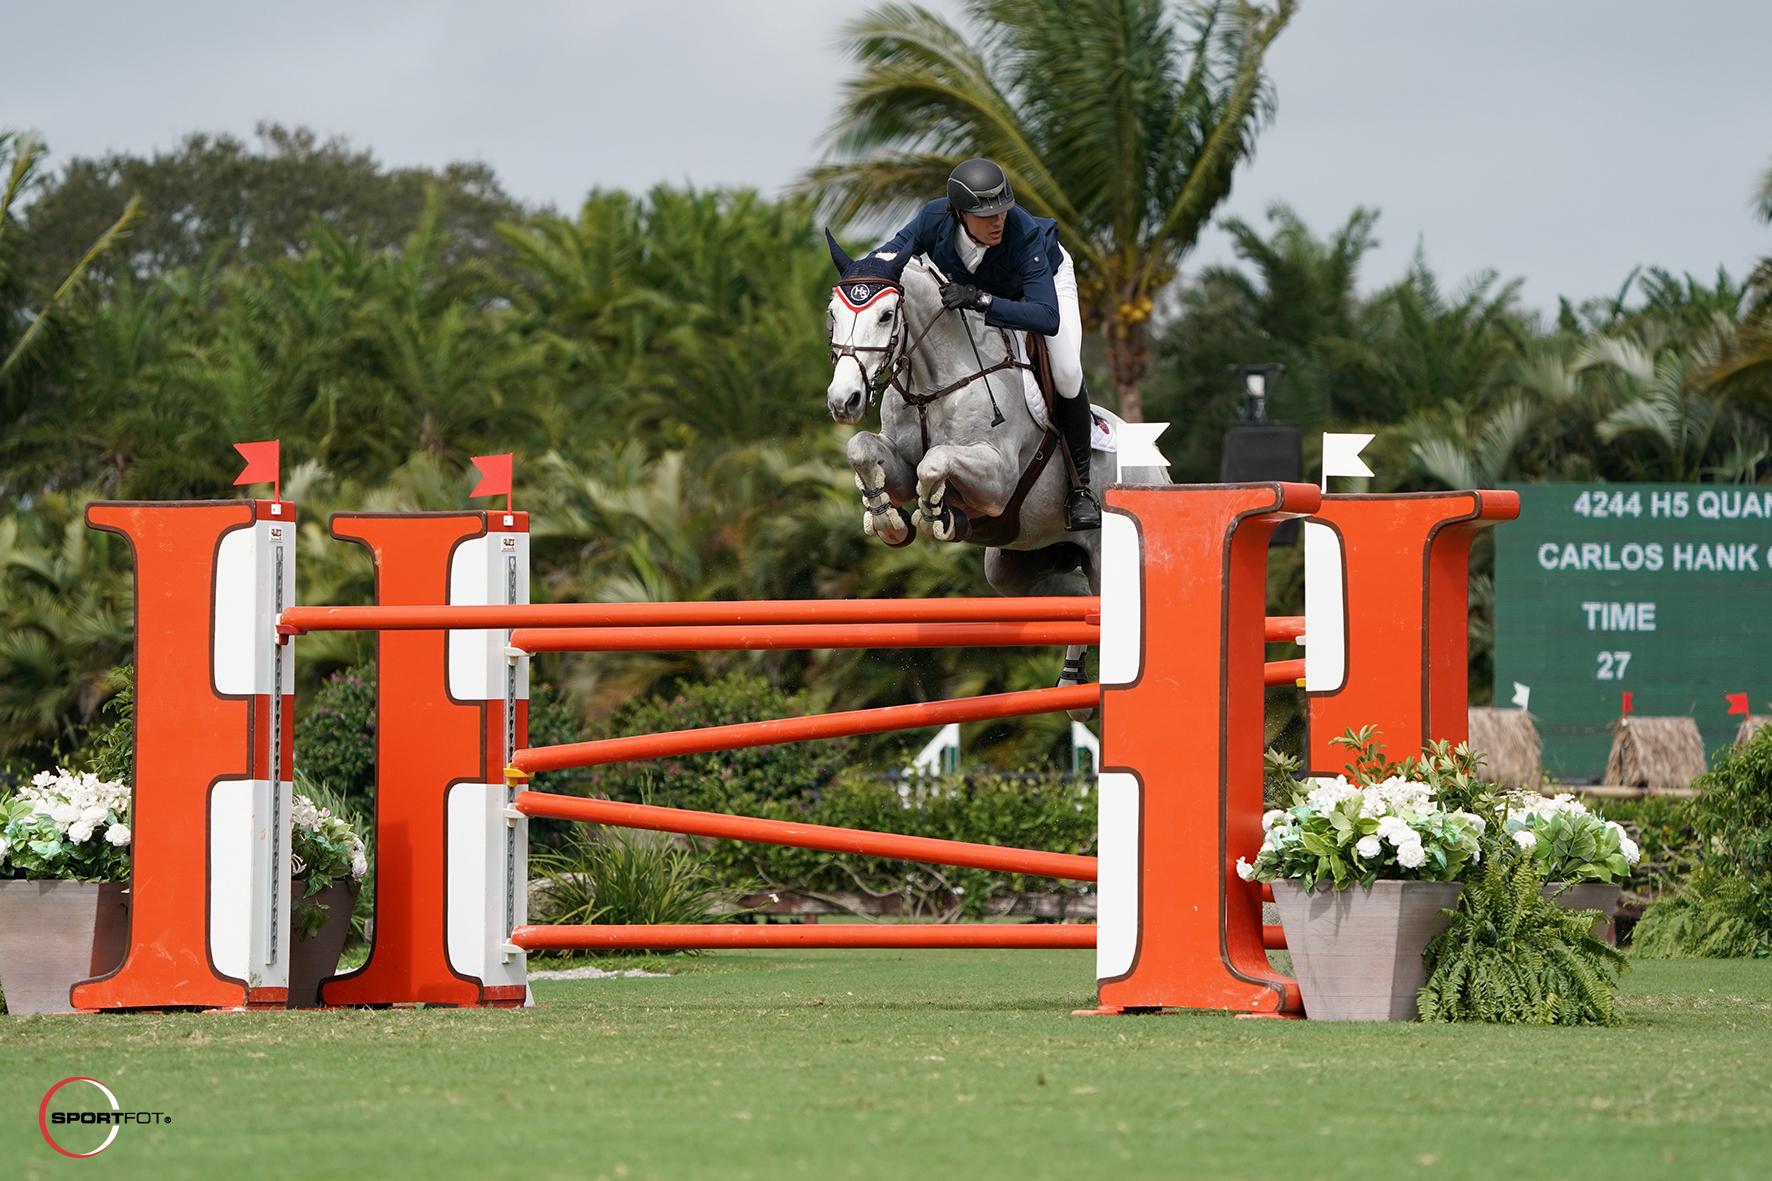 Carlos Hank Guerreiro and H5 Quantador 3 by Sportfot 528_3133